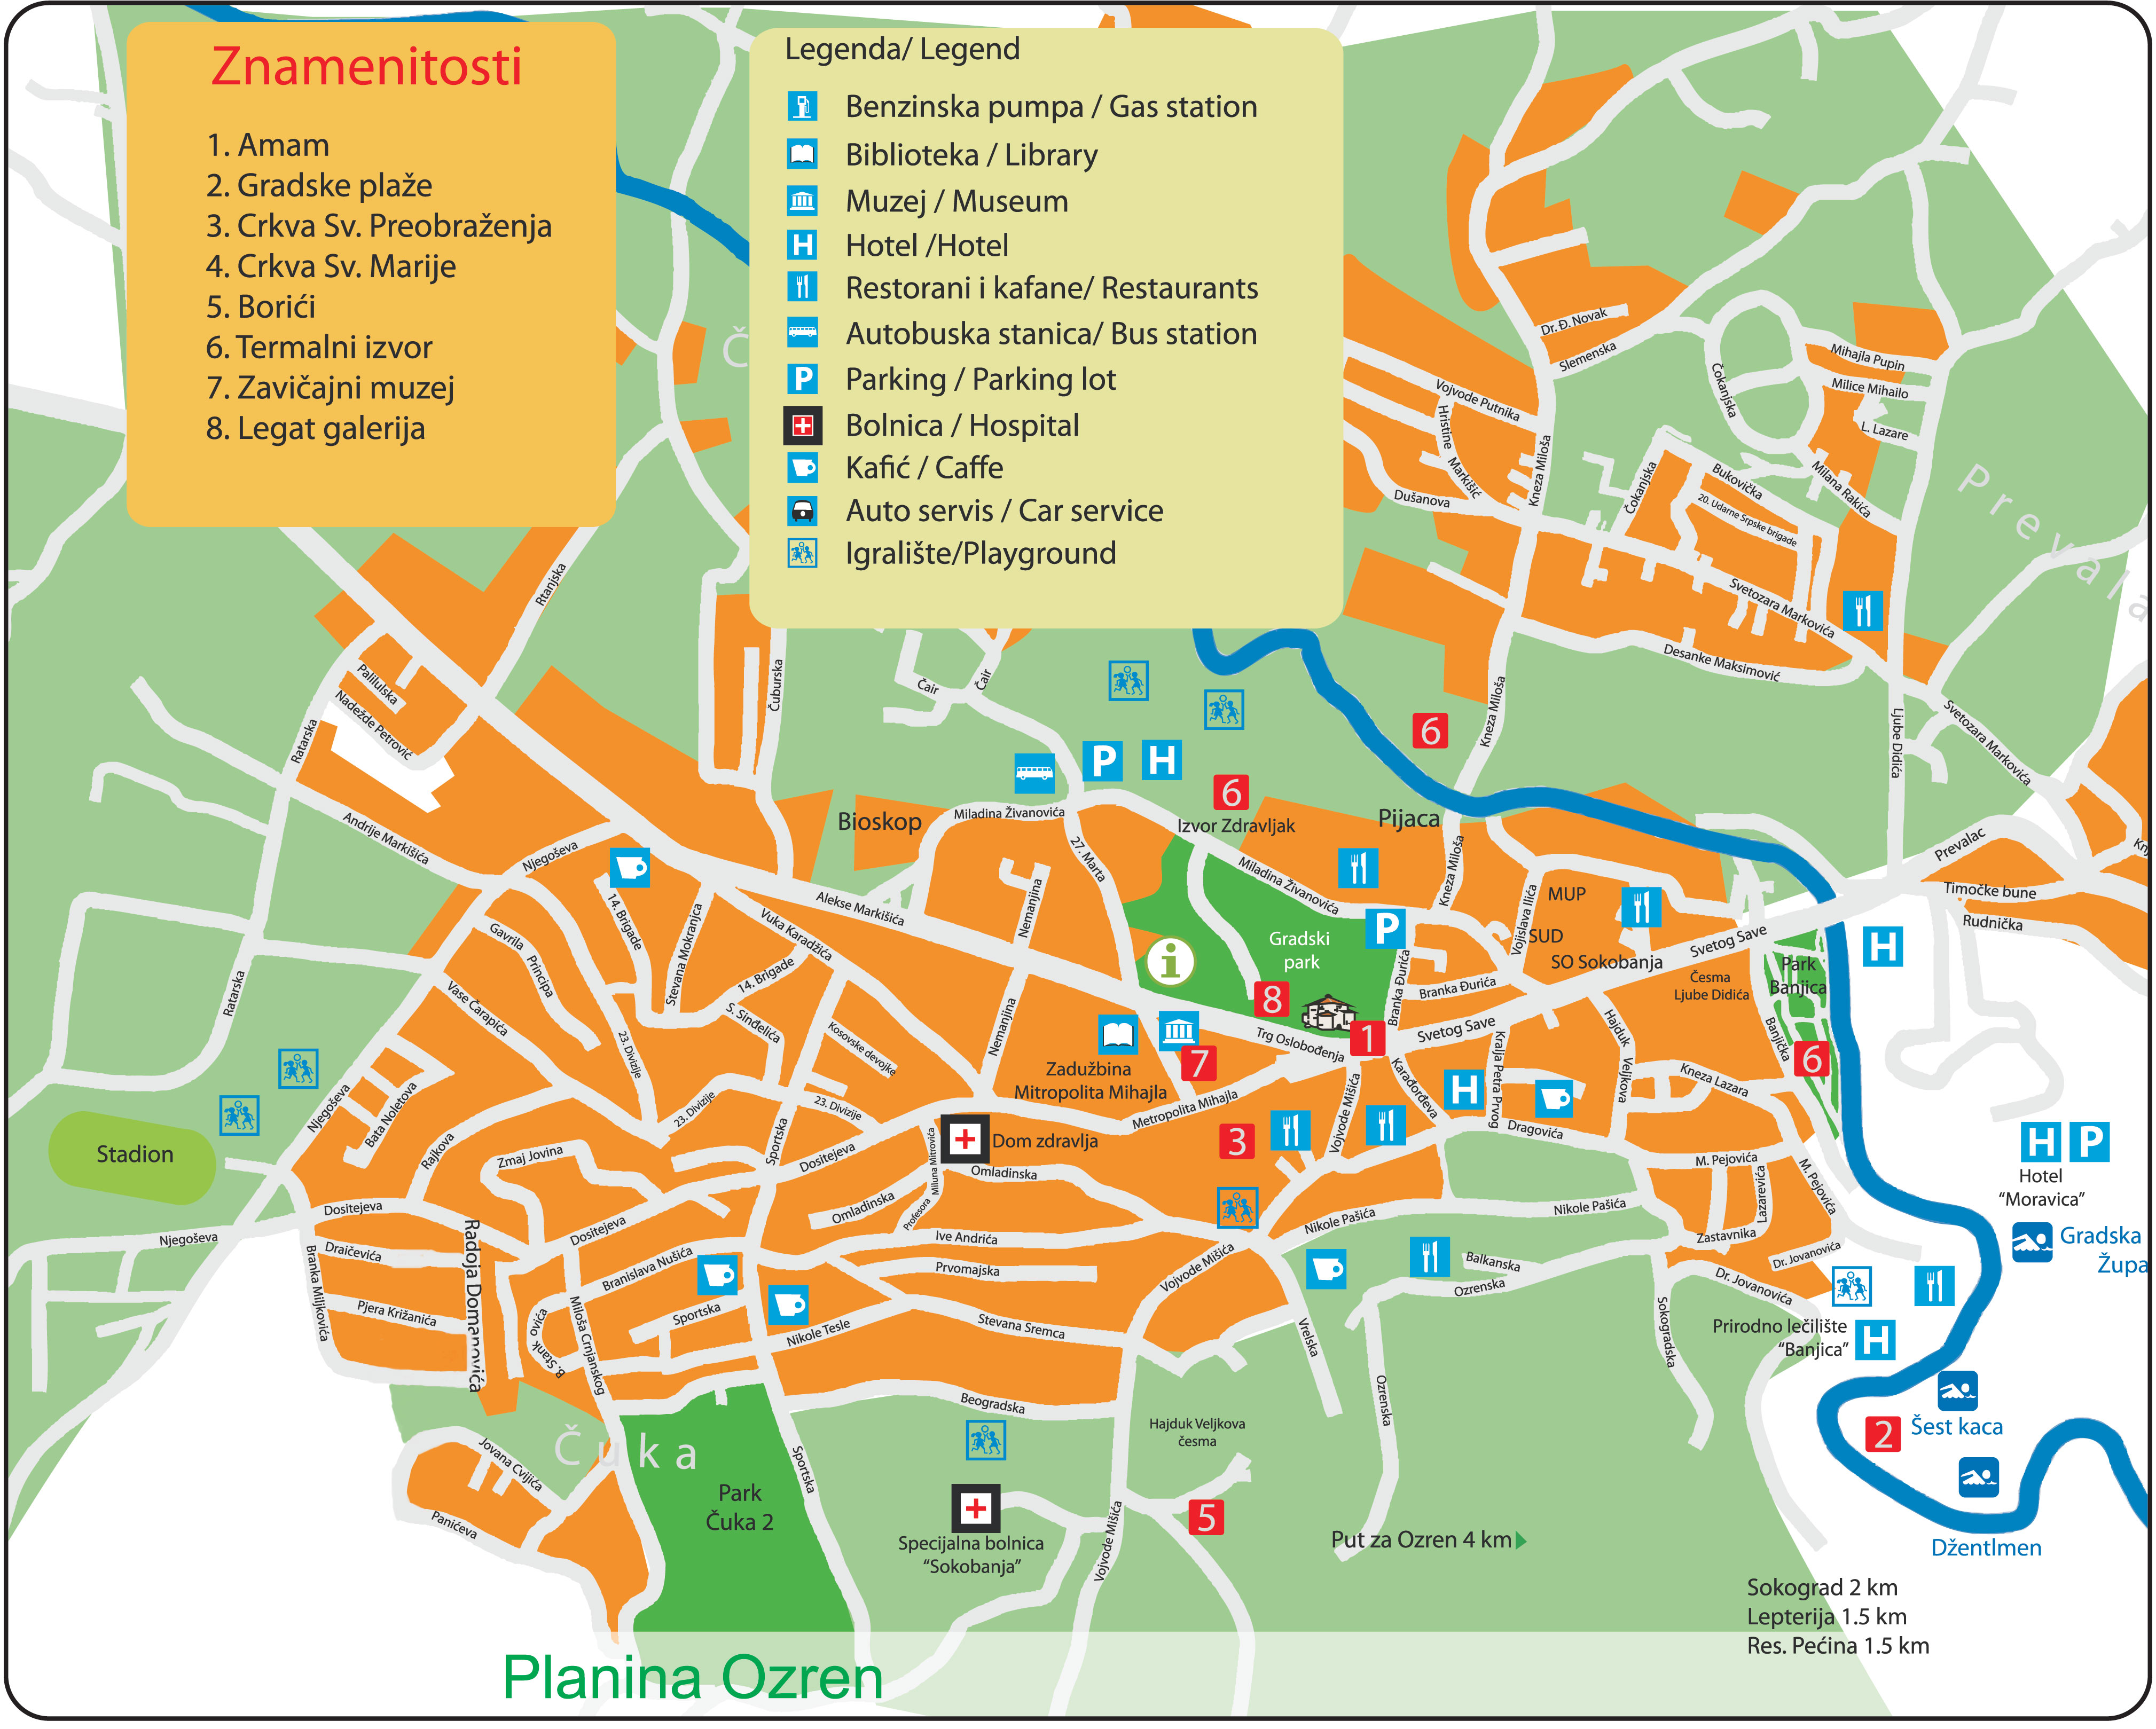 Mapa Sokobanje - Plan Soko banje